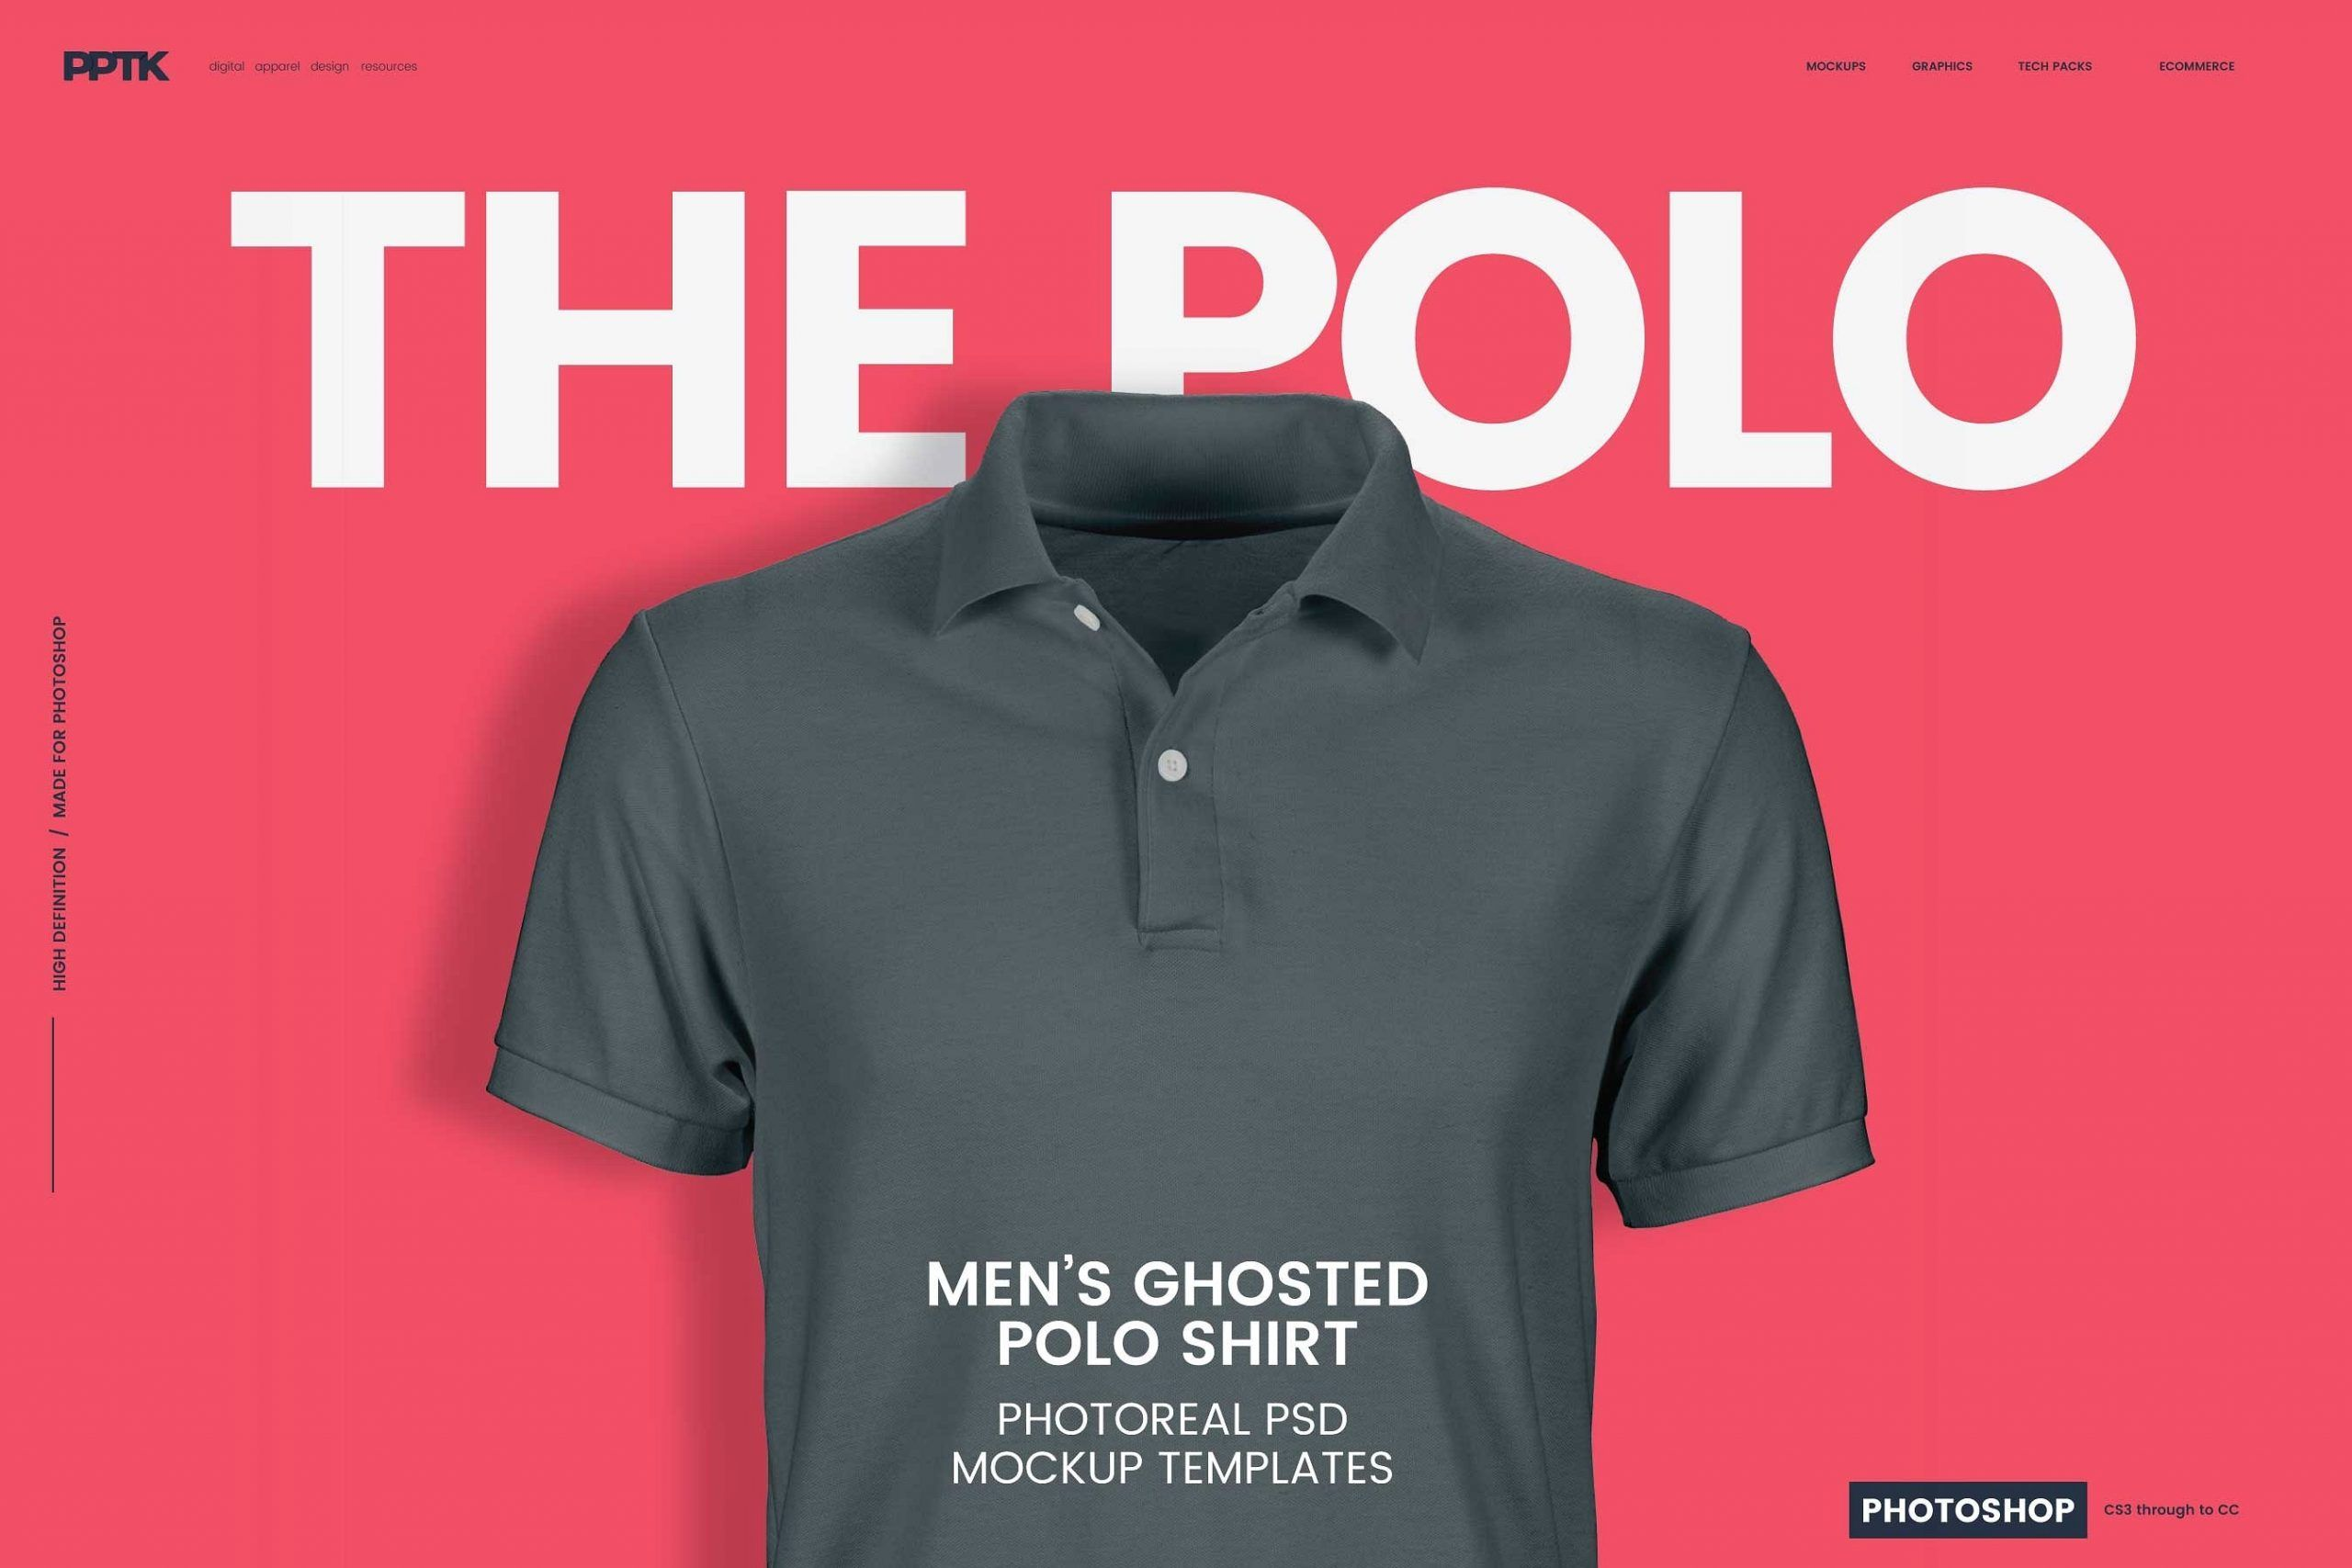 Free Polo Shirt Mockup Free Printable Shirt Mockup Shirt Template Photoshop Mockup